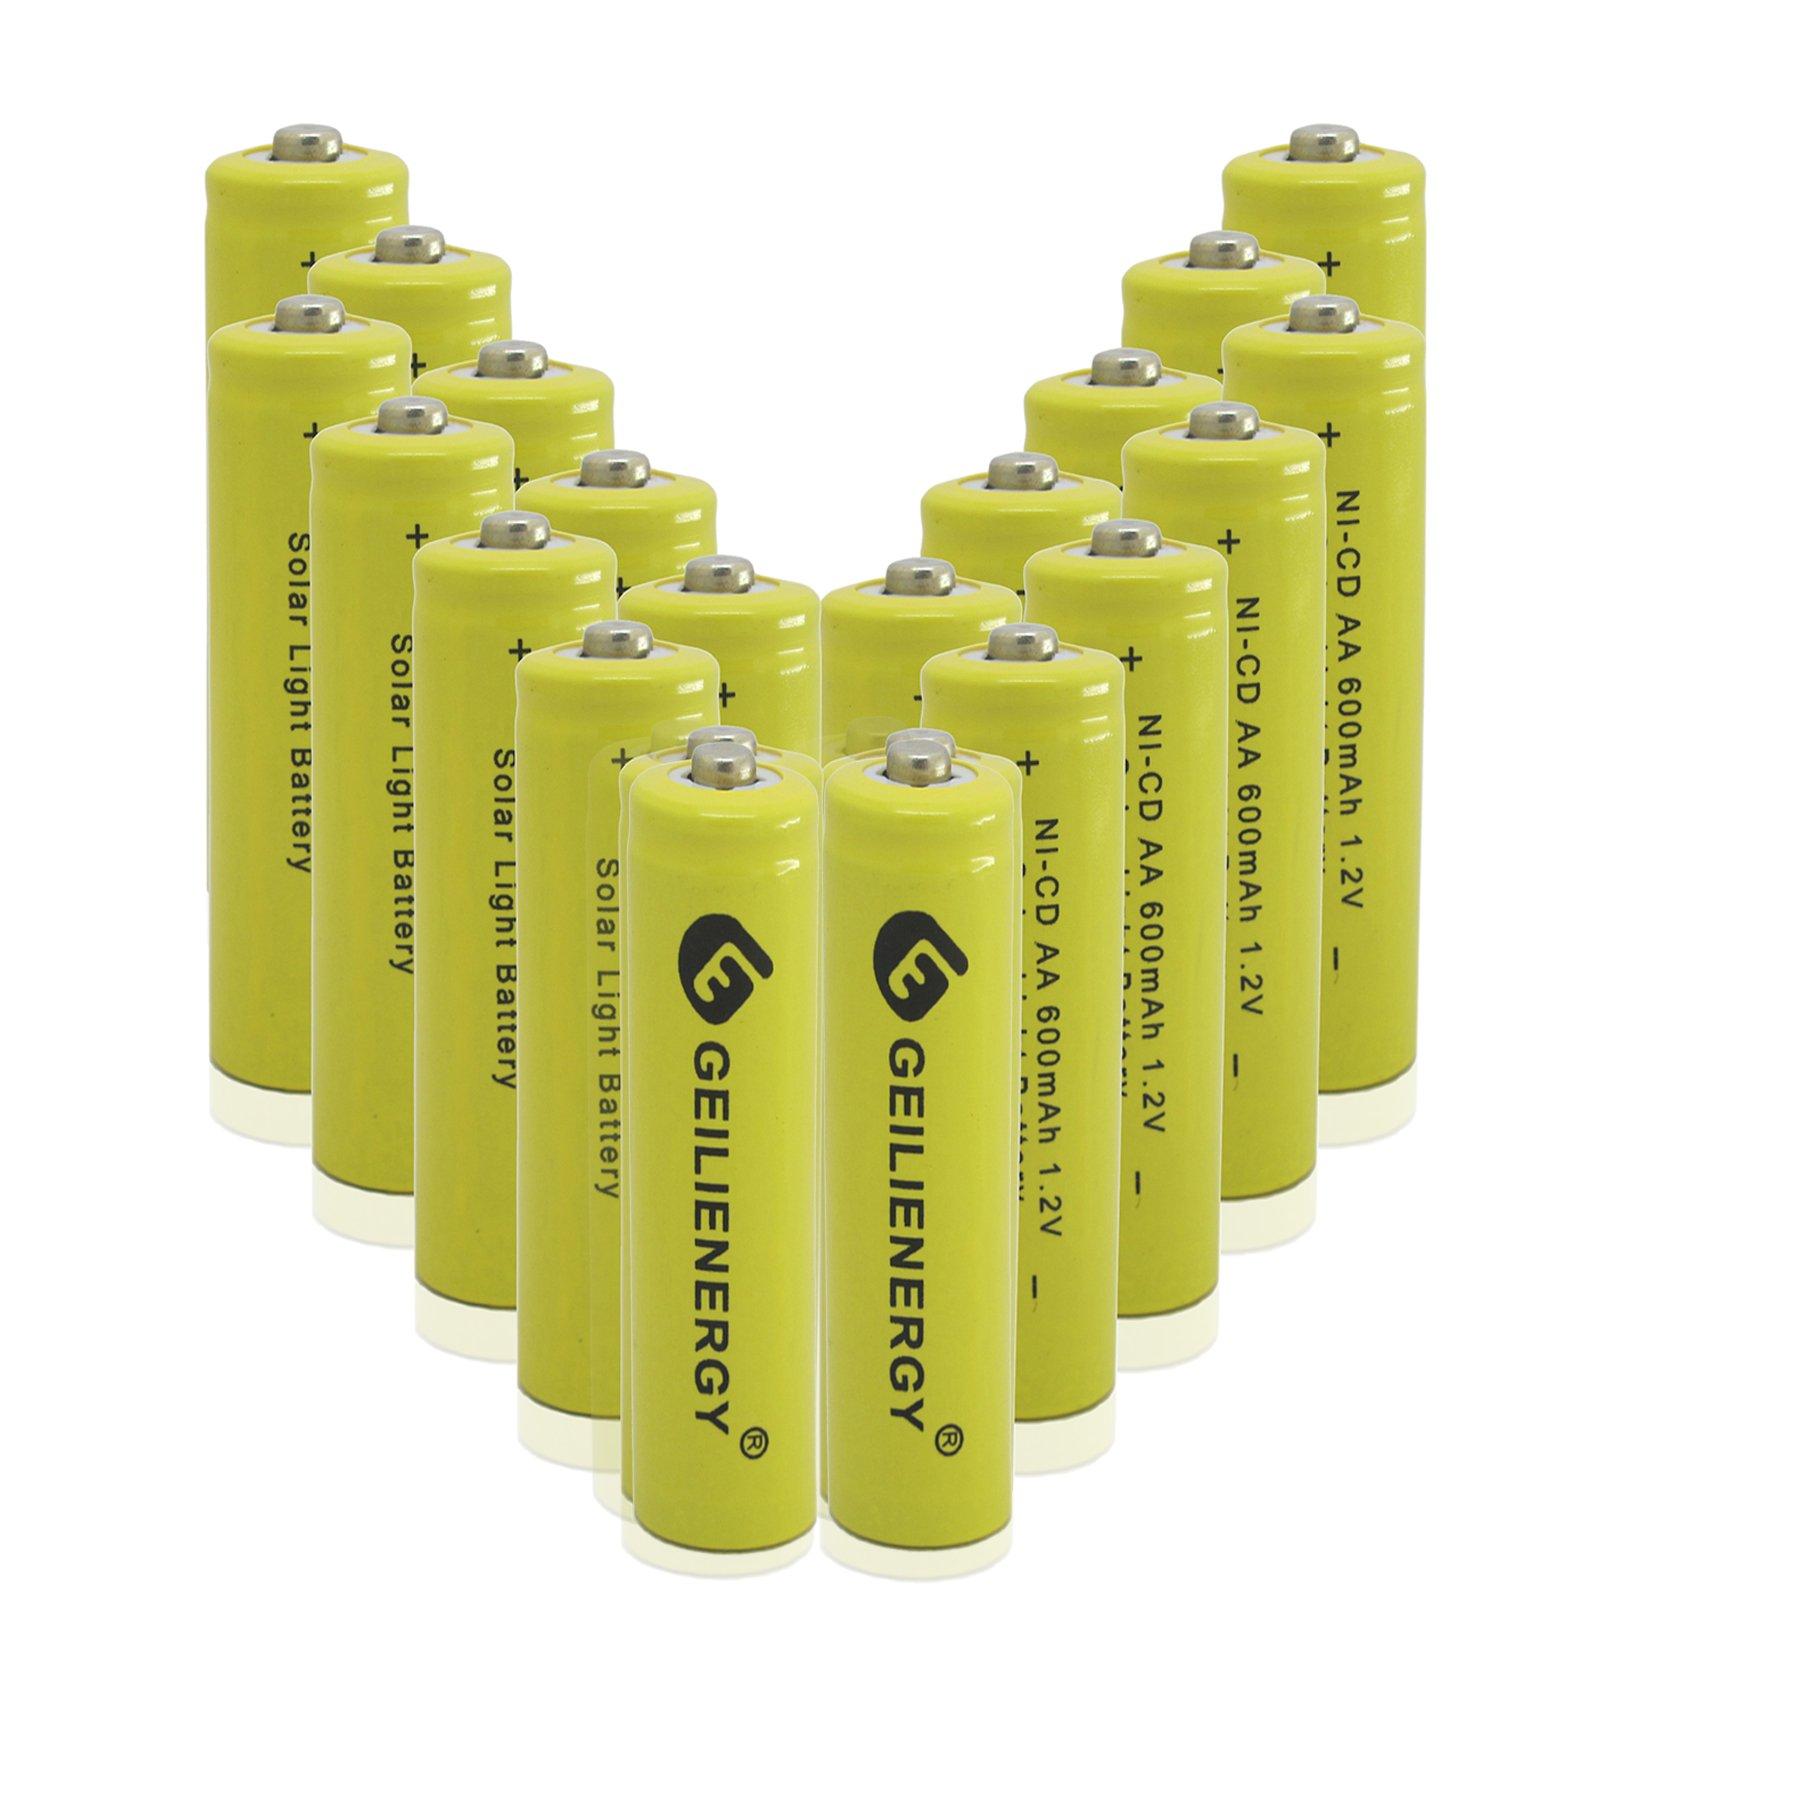 GEILIENERGY Solar Light AA Ni-CD 600mAh 1.2V Rechargeable Batteries AA Rechargeable Batteries for Solar Lights Solar Lamp(Pack of 20)